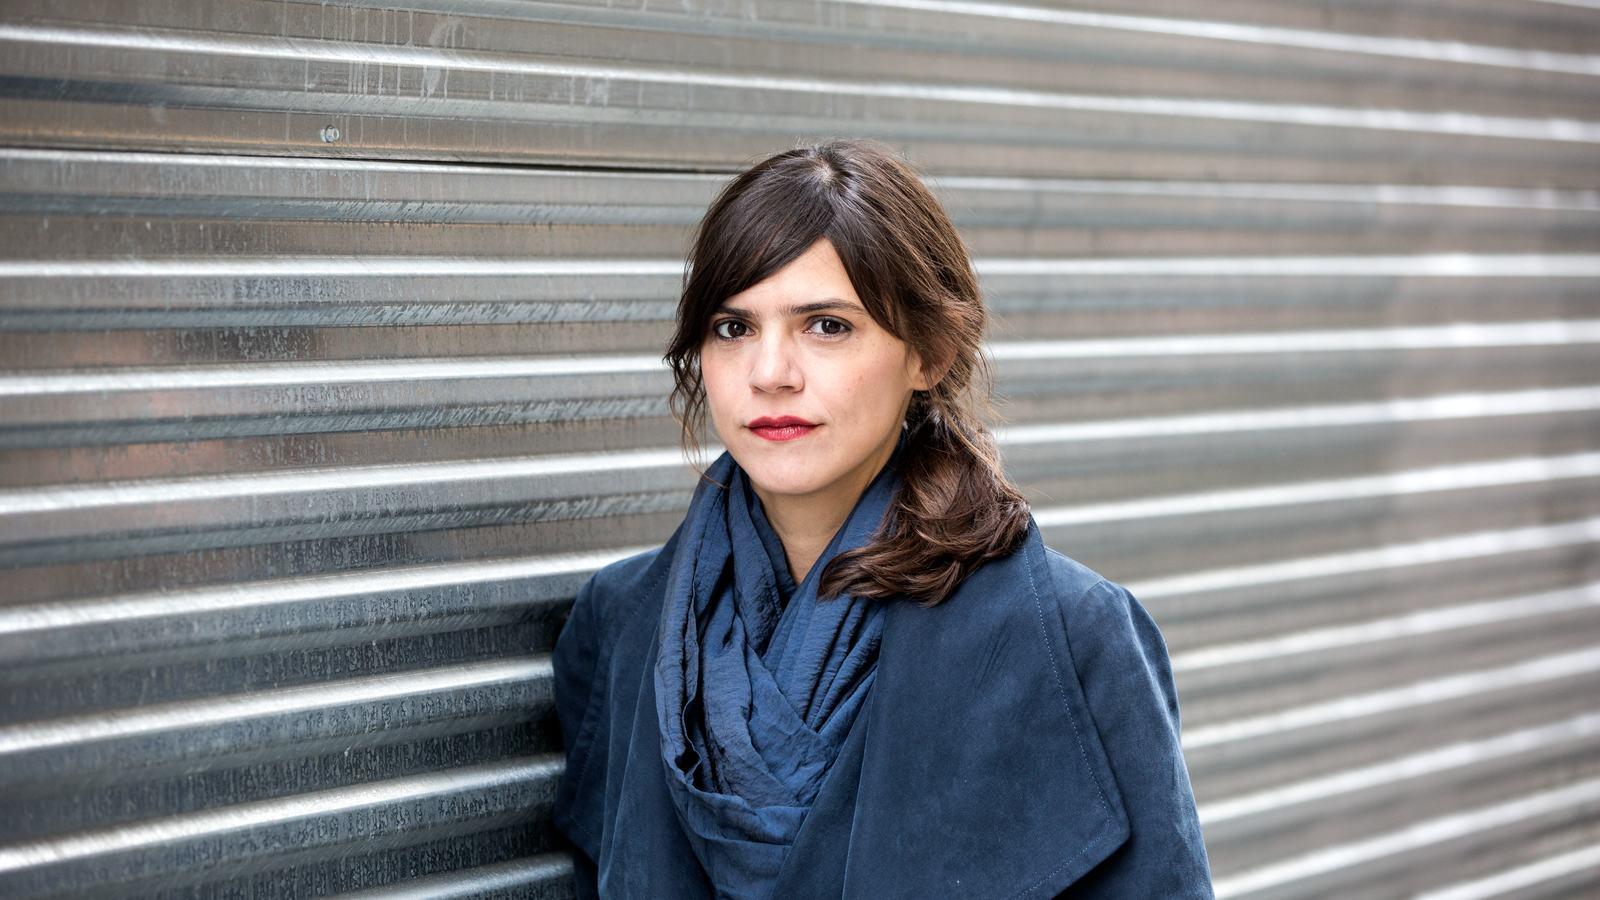 Valeria Luiselli, author